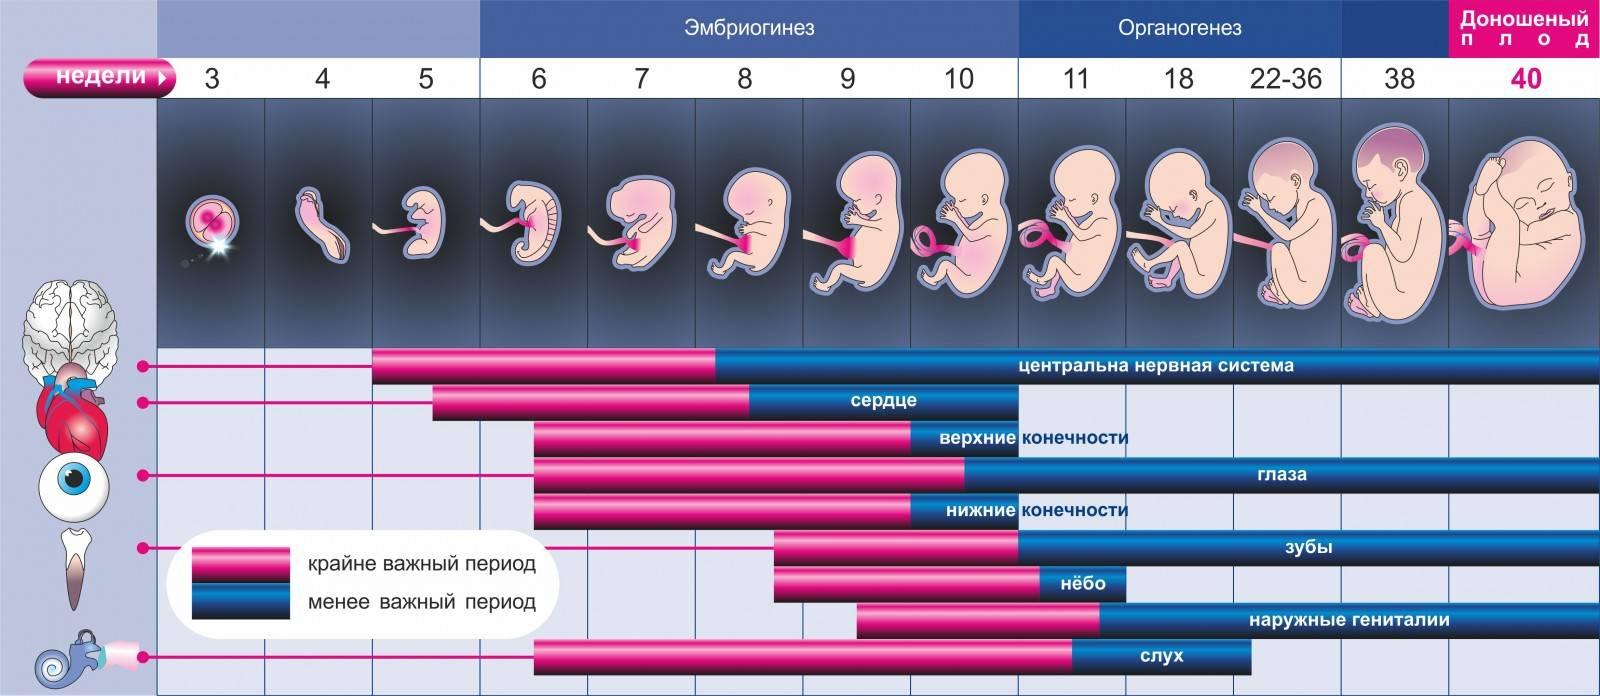 Противопоказана ли лазерная эпиляция во время беременности?